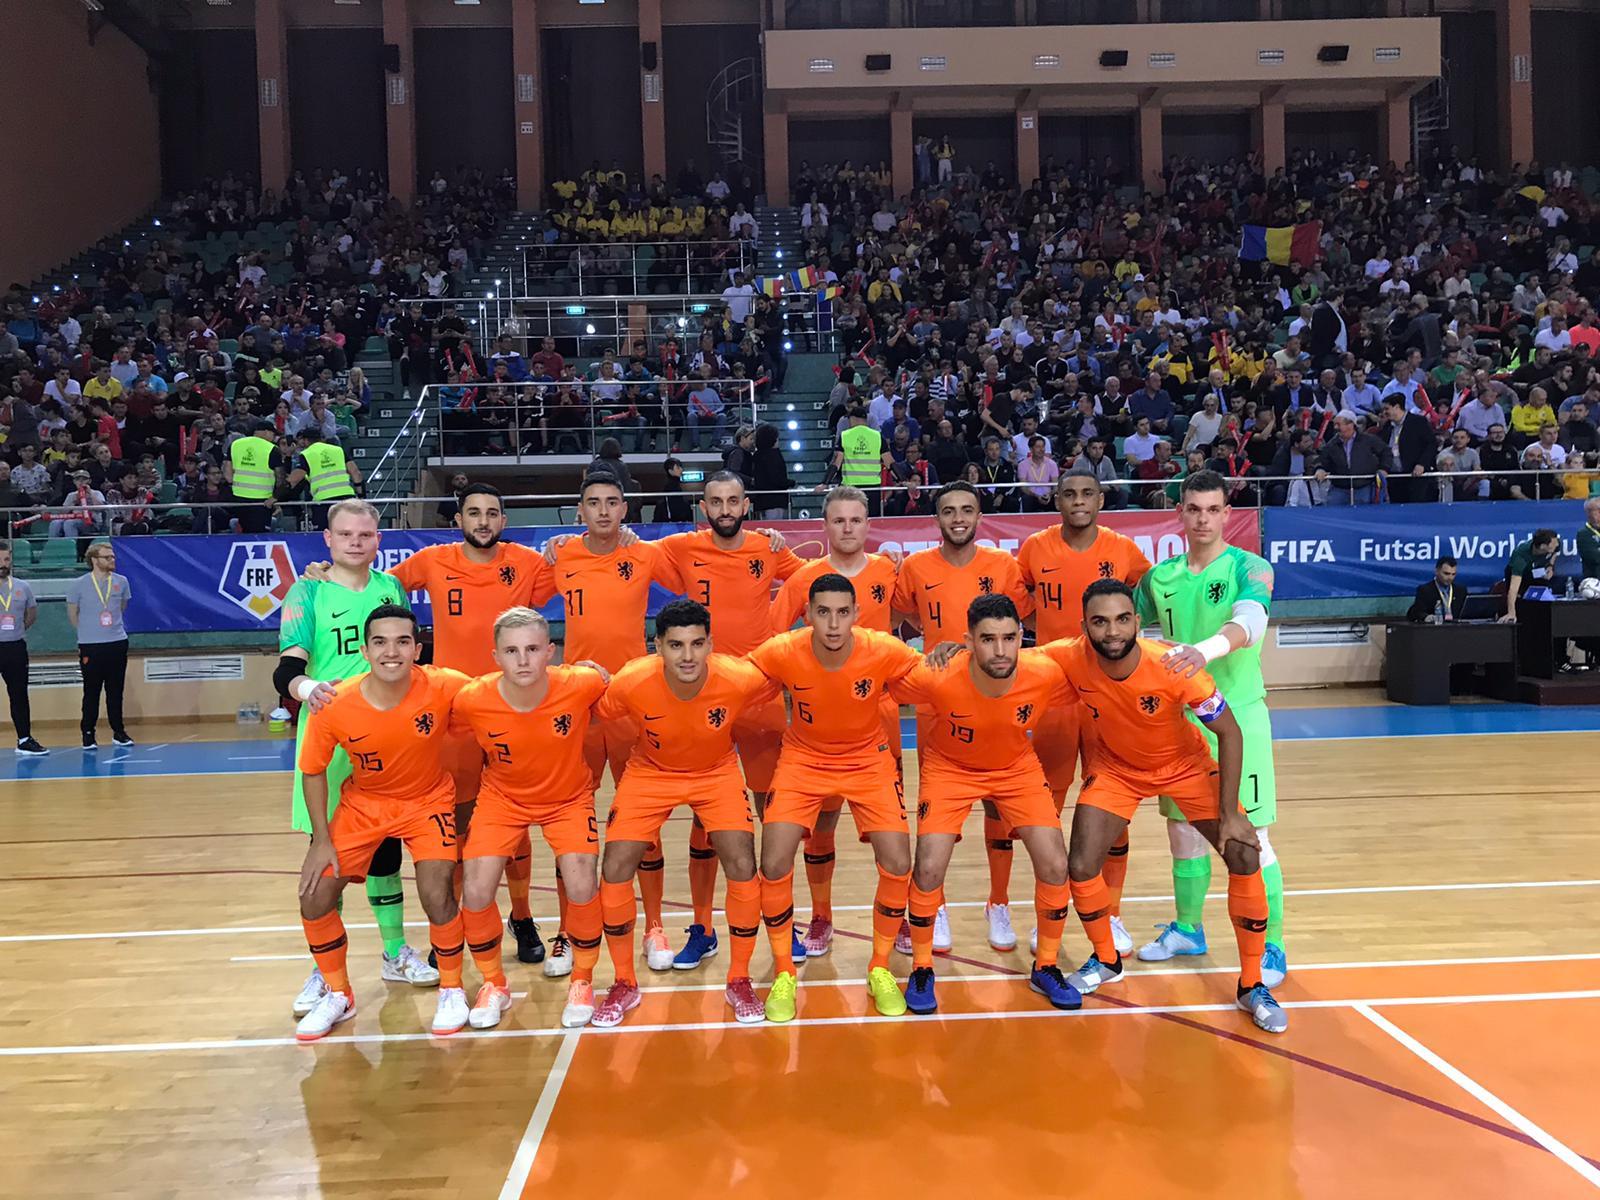 Oranje verliest van sterk spelend Kazachstan